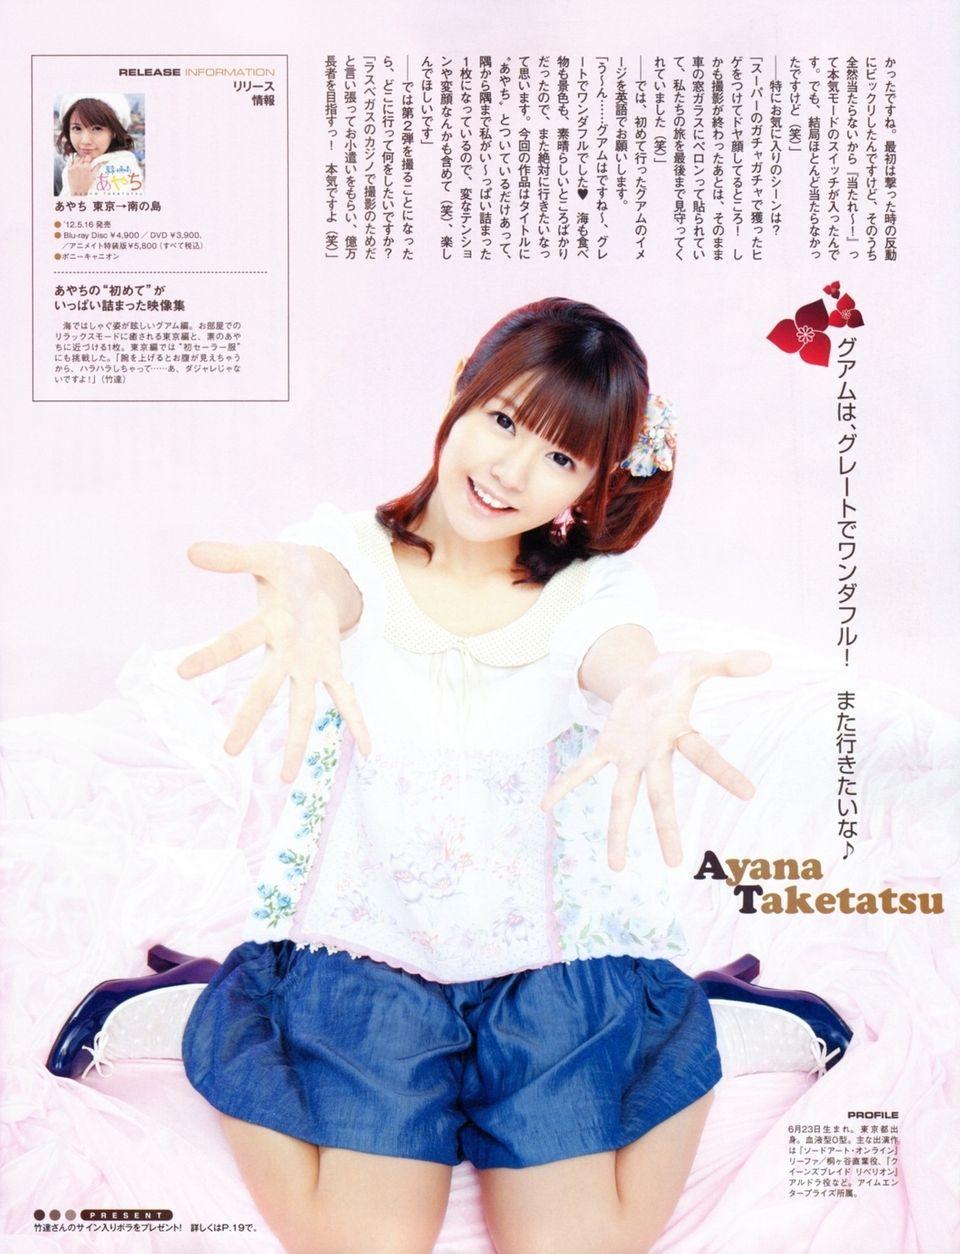 taketatsu_ayana008.jpg